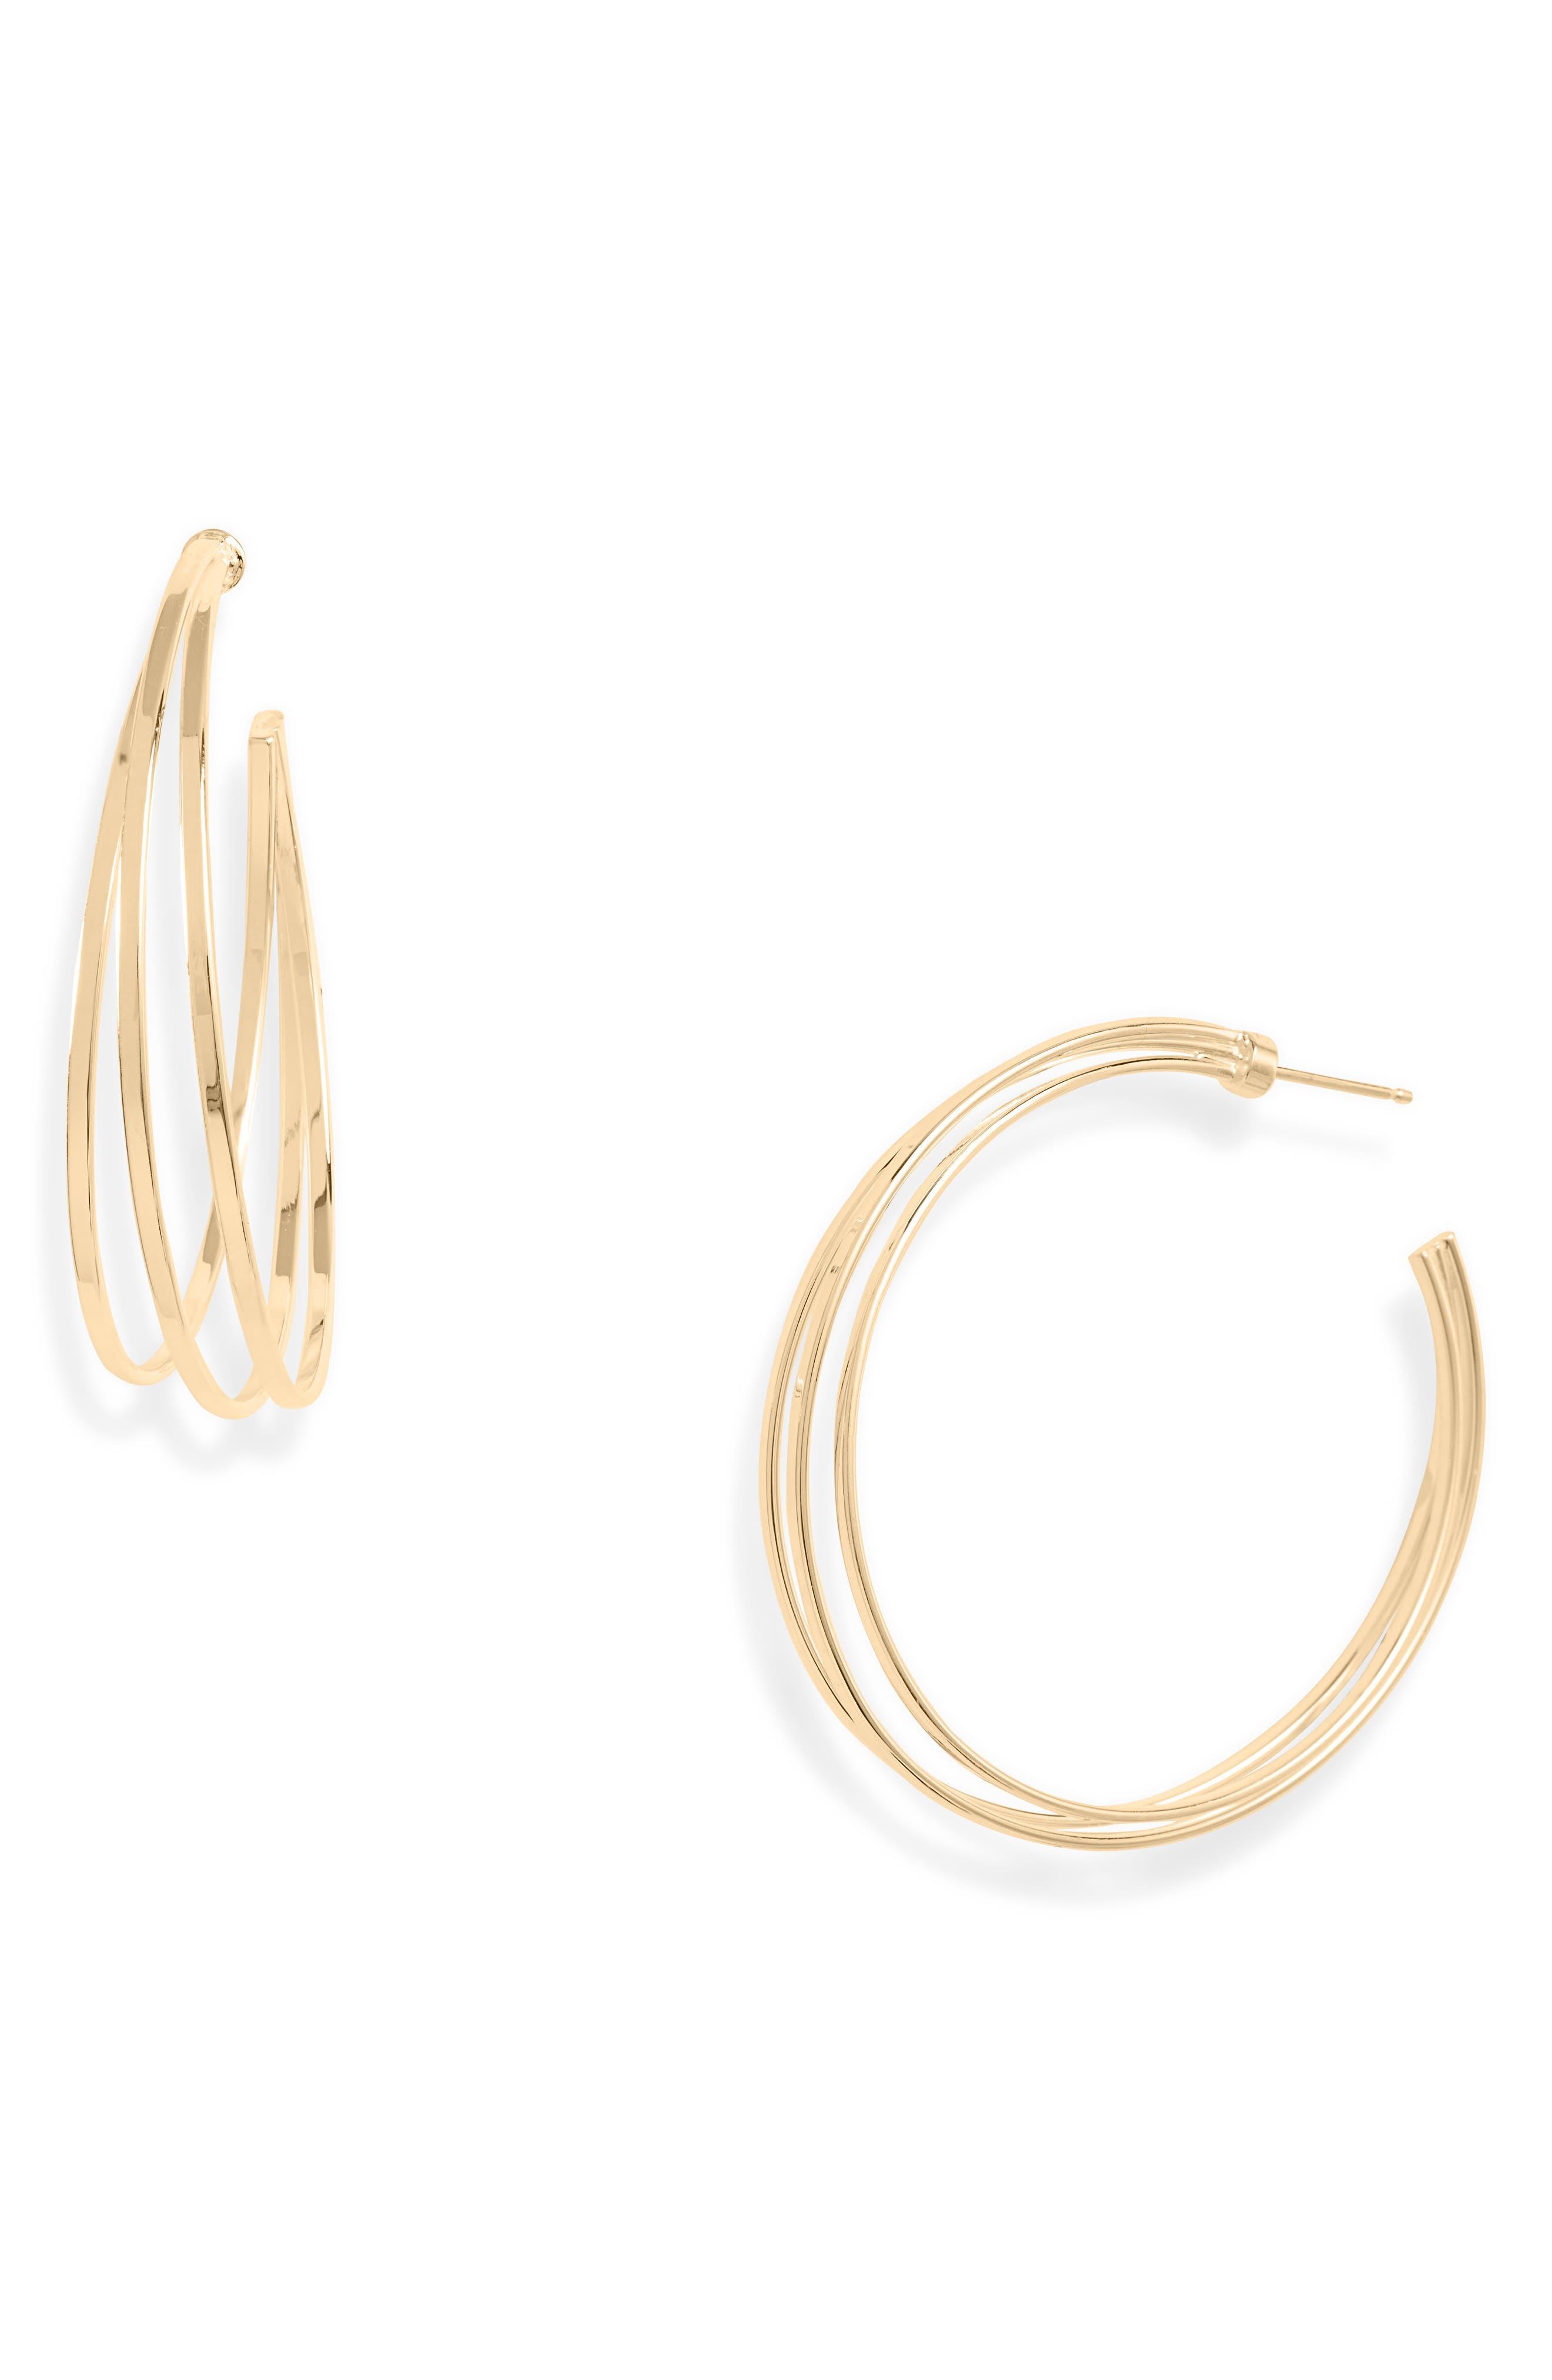 Raya 2 Triple Hoop Earrings